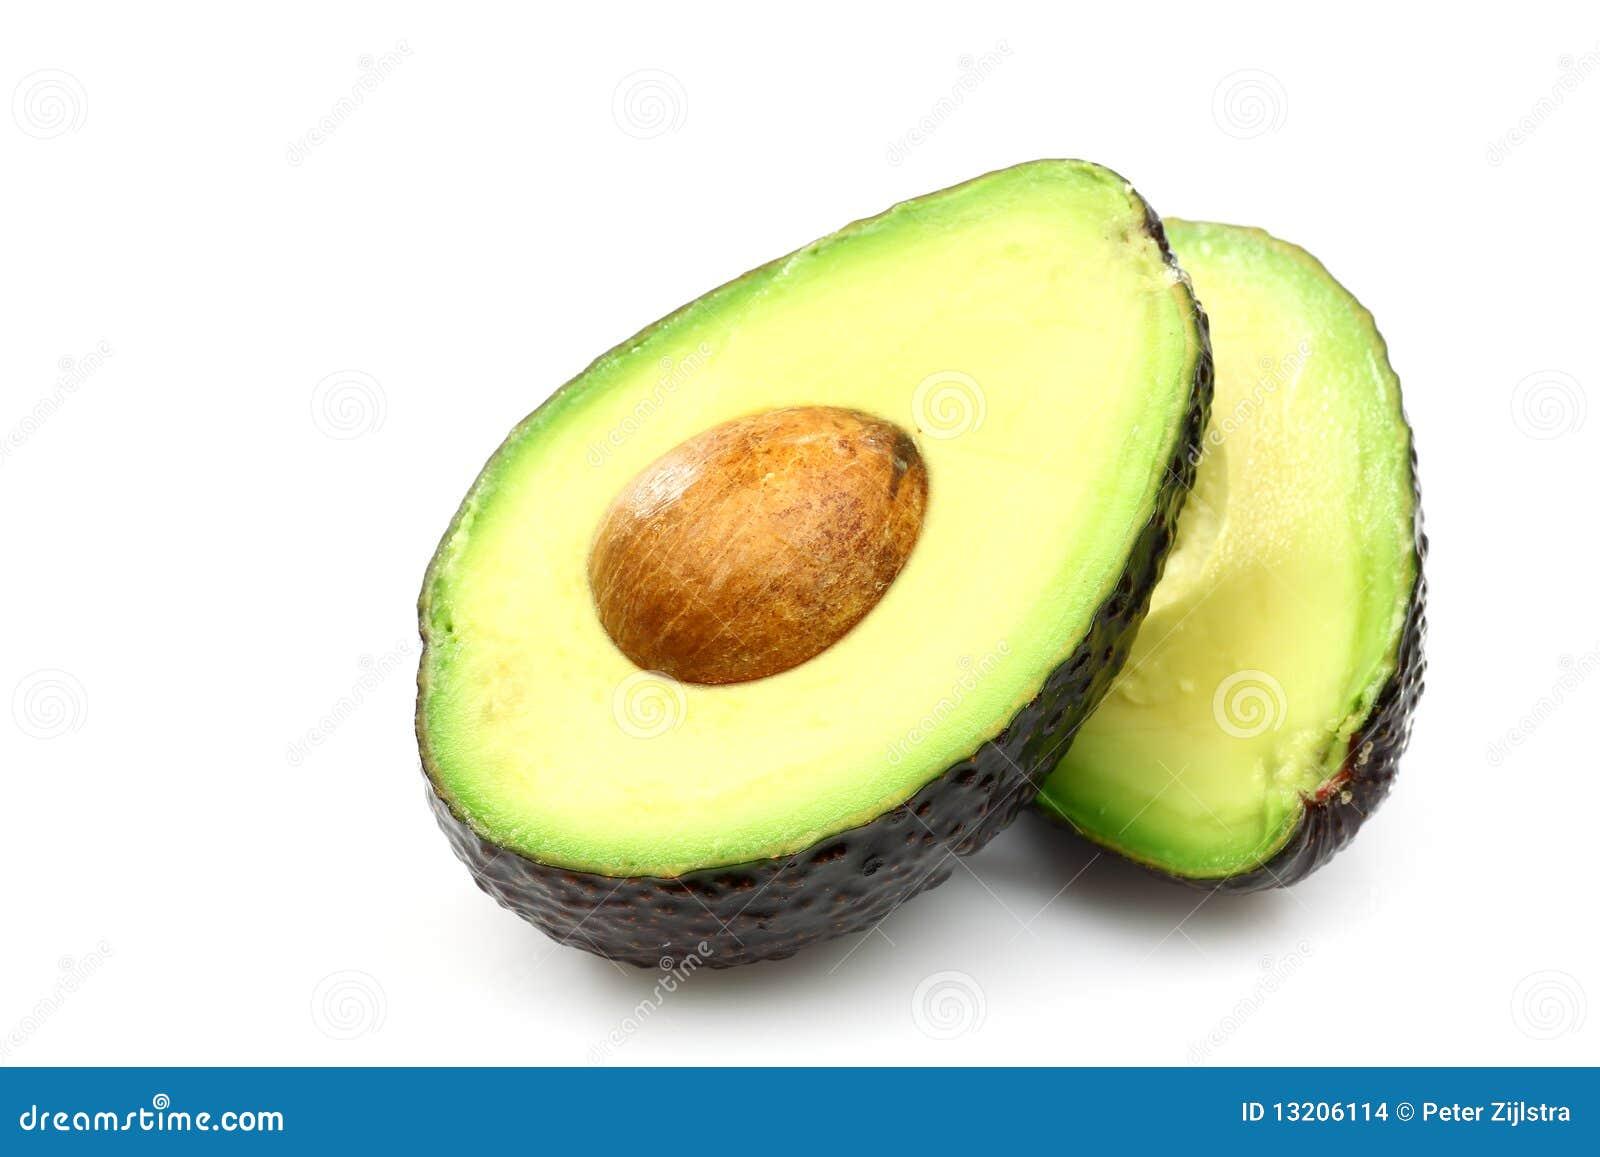 Zwei Avocadohälften stockfoto. Bild von hälften, guacamole - 13206114